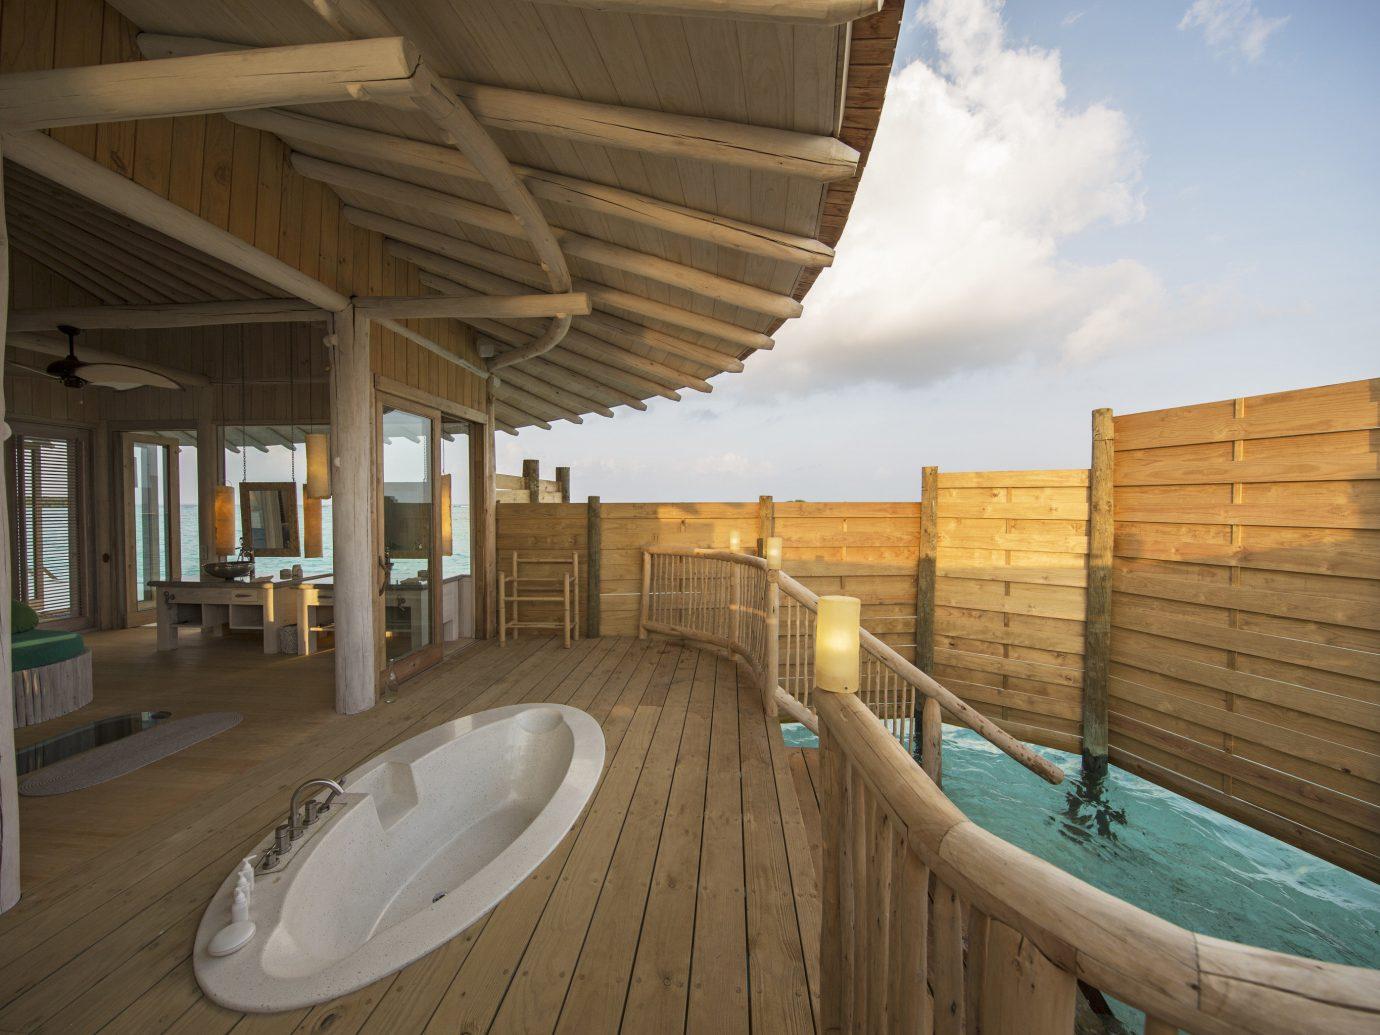 Pool and hot tub at Soneva Jani